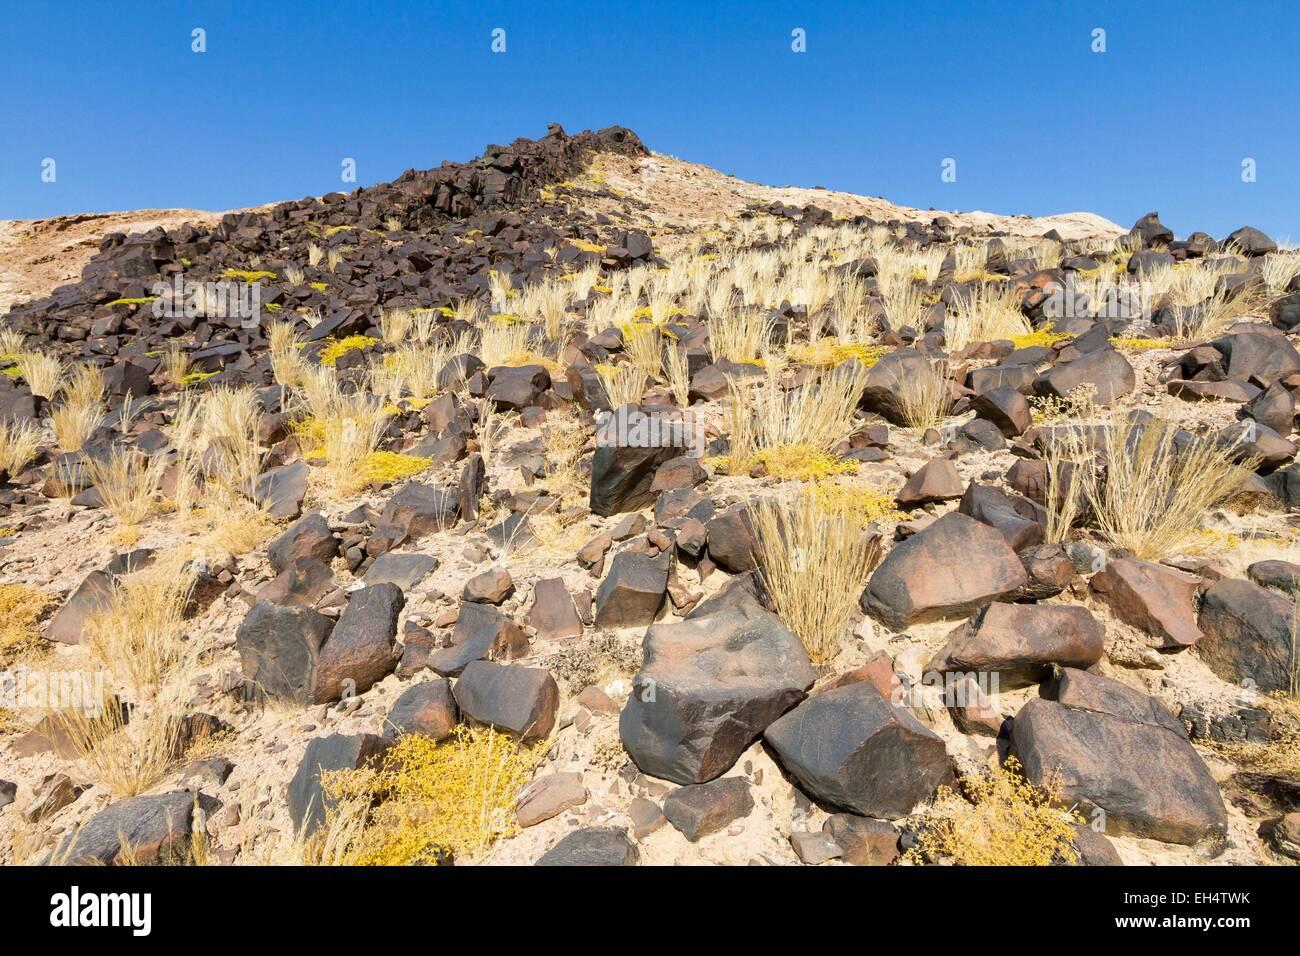 Namibia, Erongo region, near Swakopmund, Namib desert, Namib Naukluft national park, casting dolerite - Stock Image